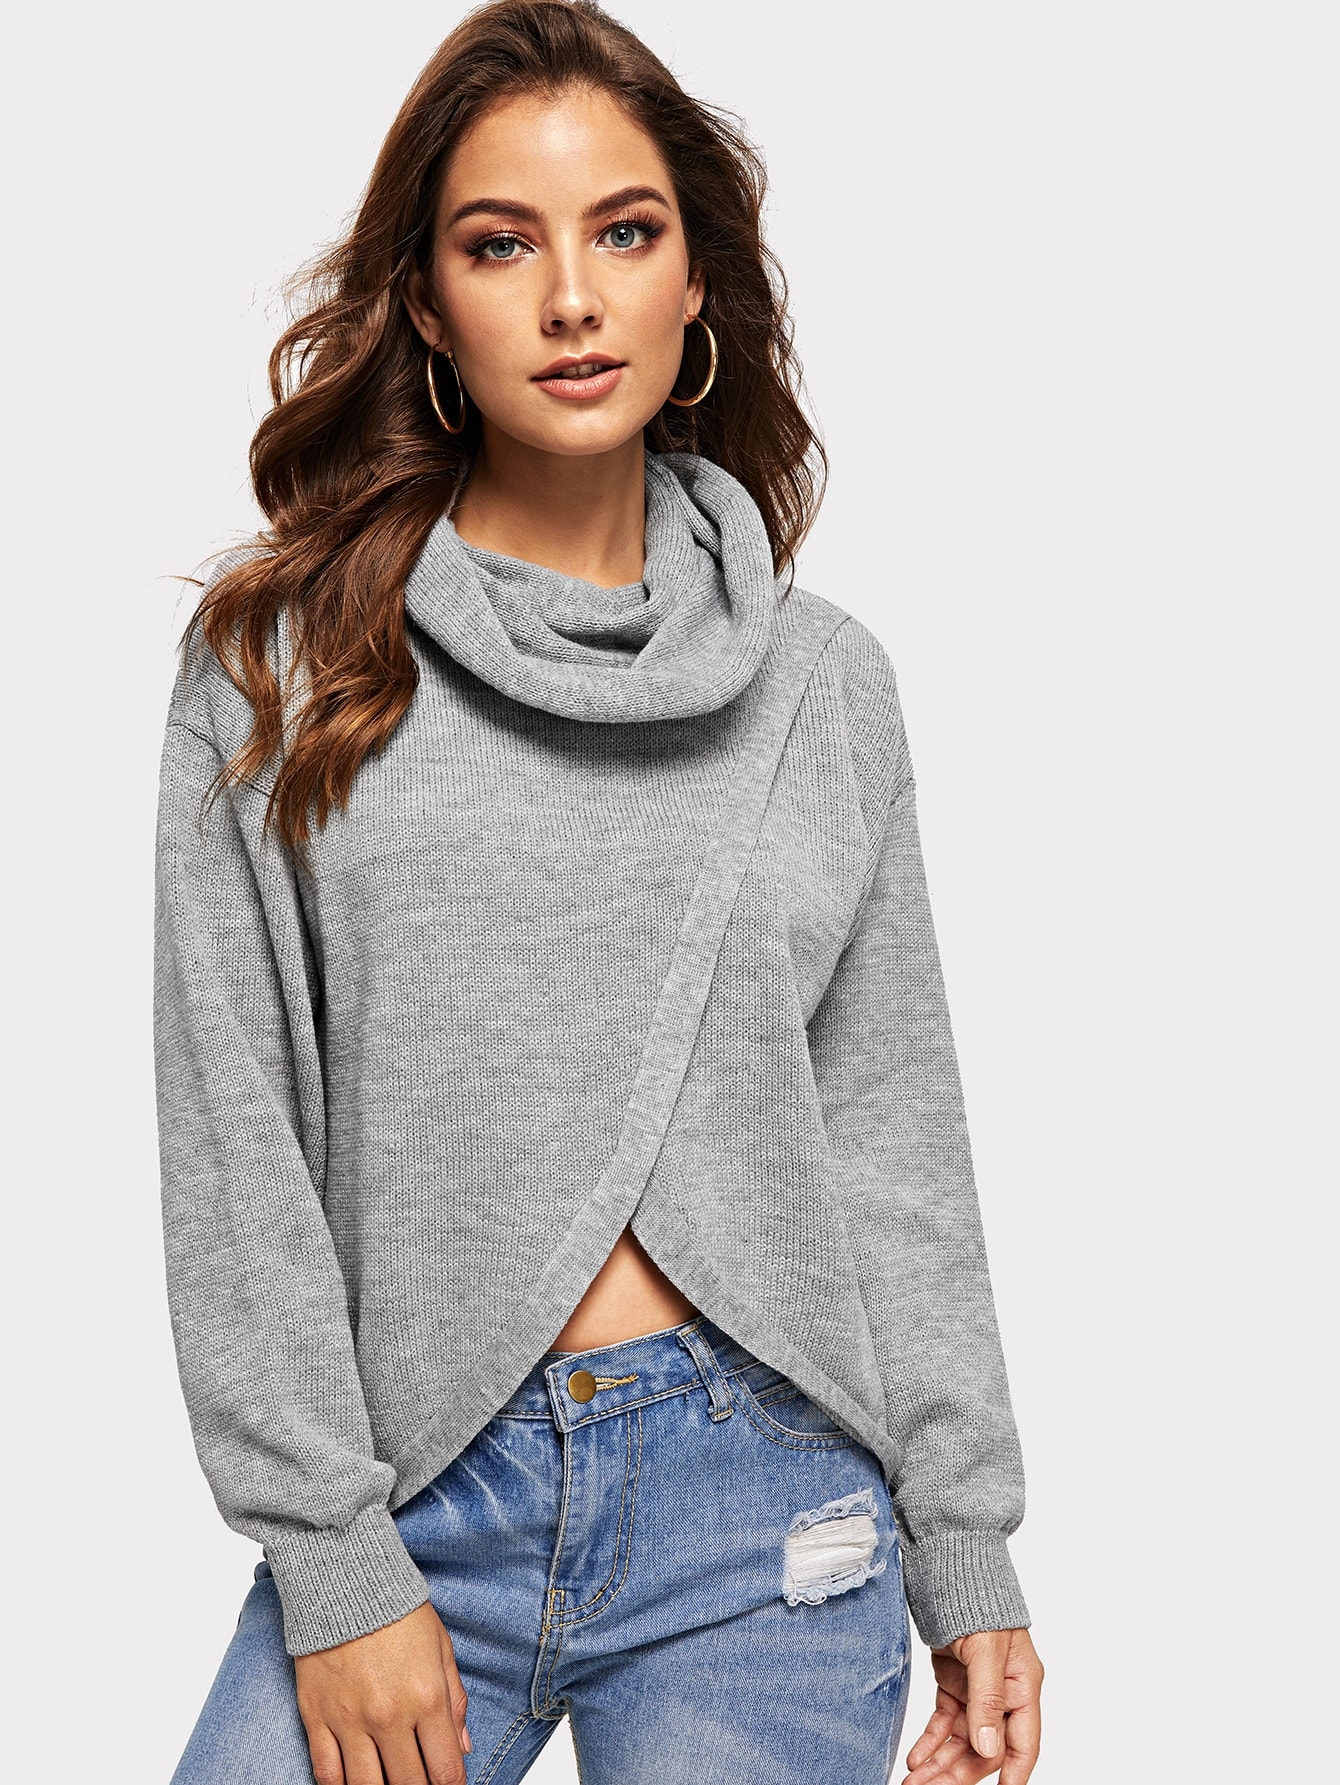 Купить Перекрой пепельный вязяный свитер, Debi Cruz, SheIn